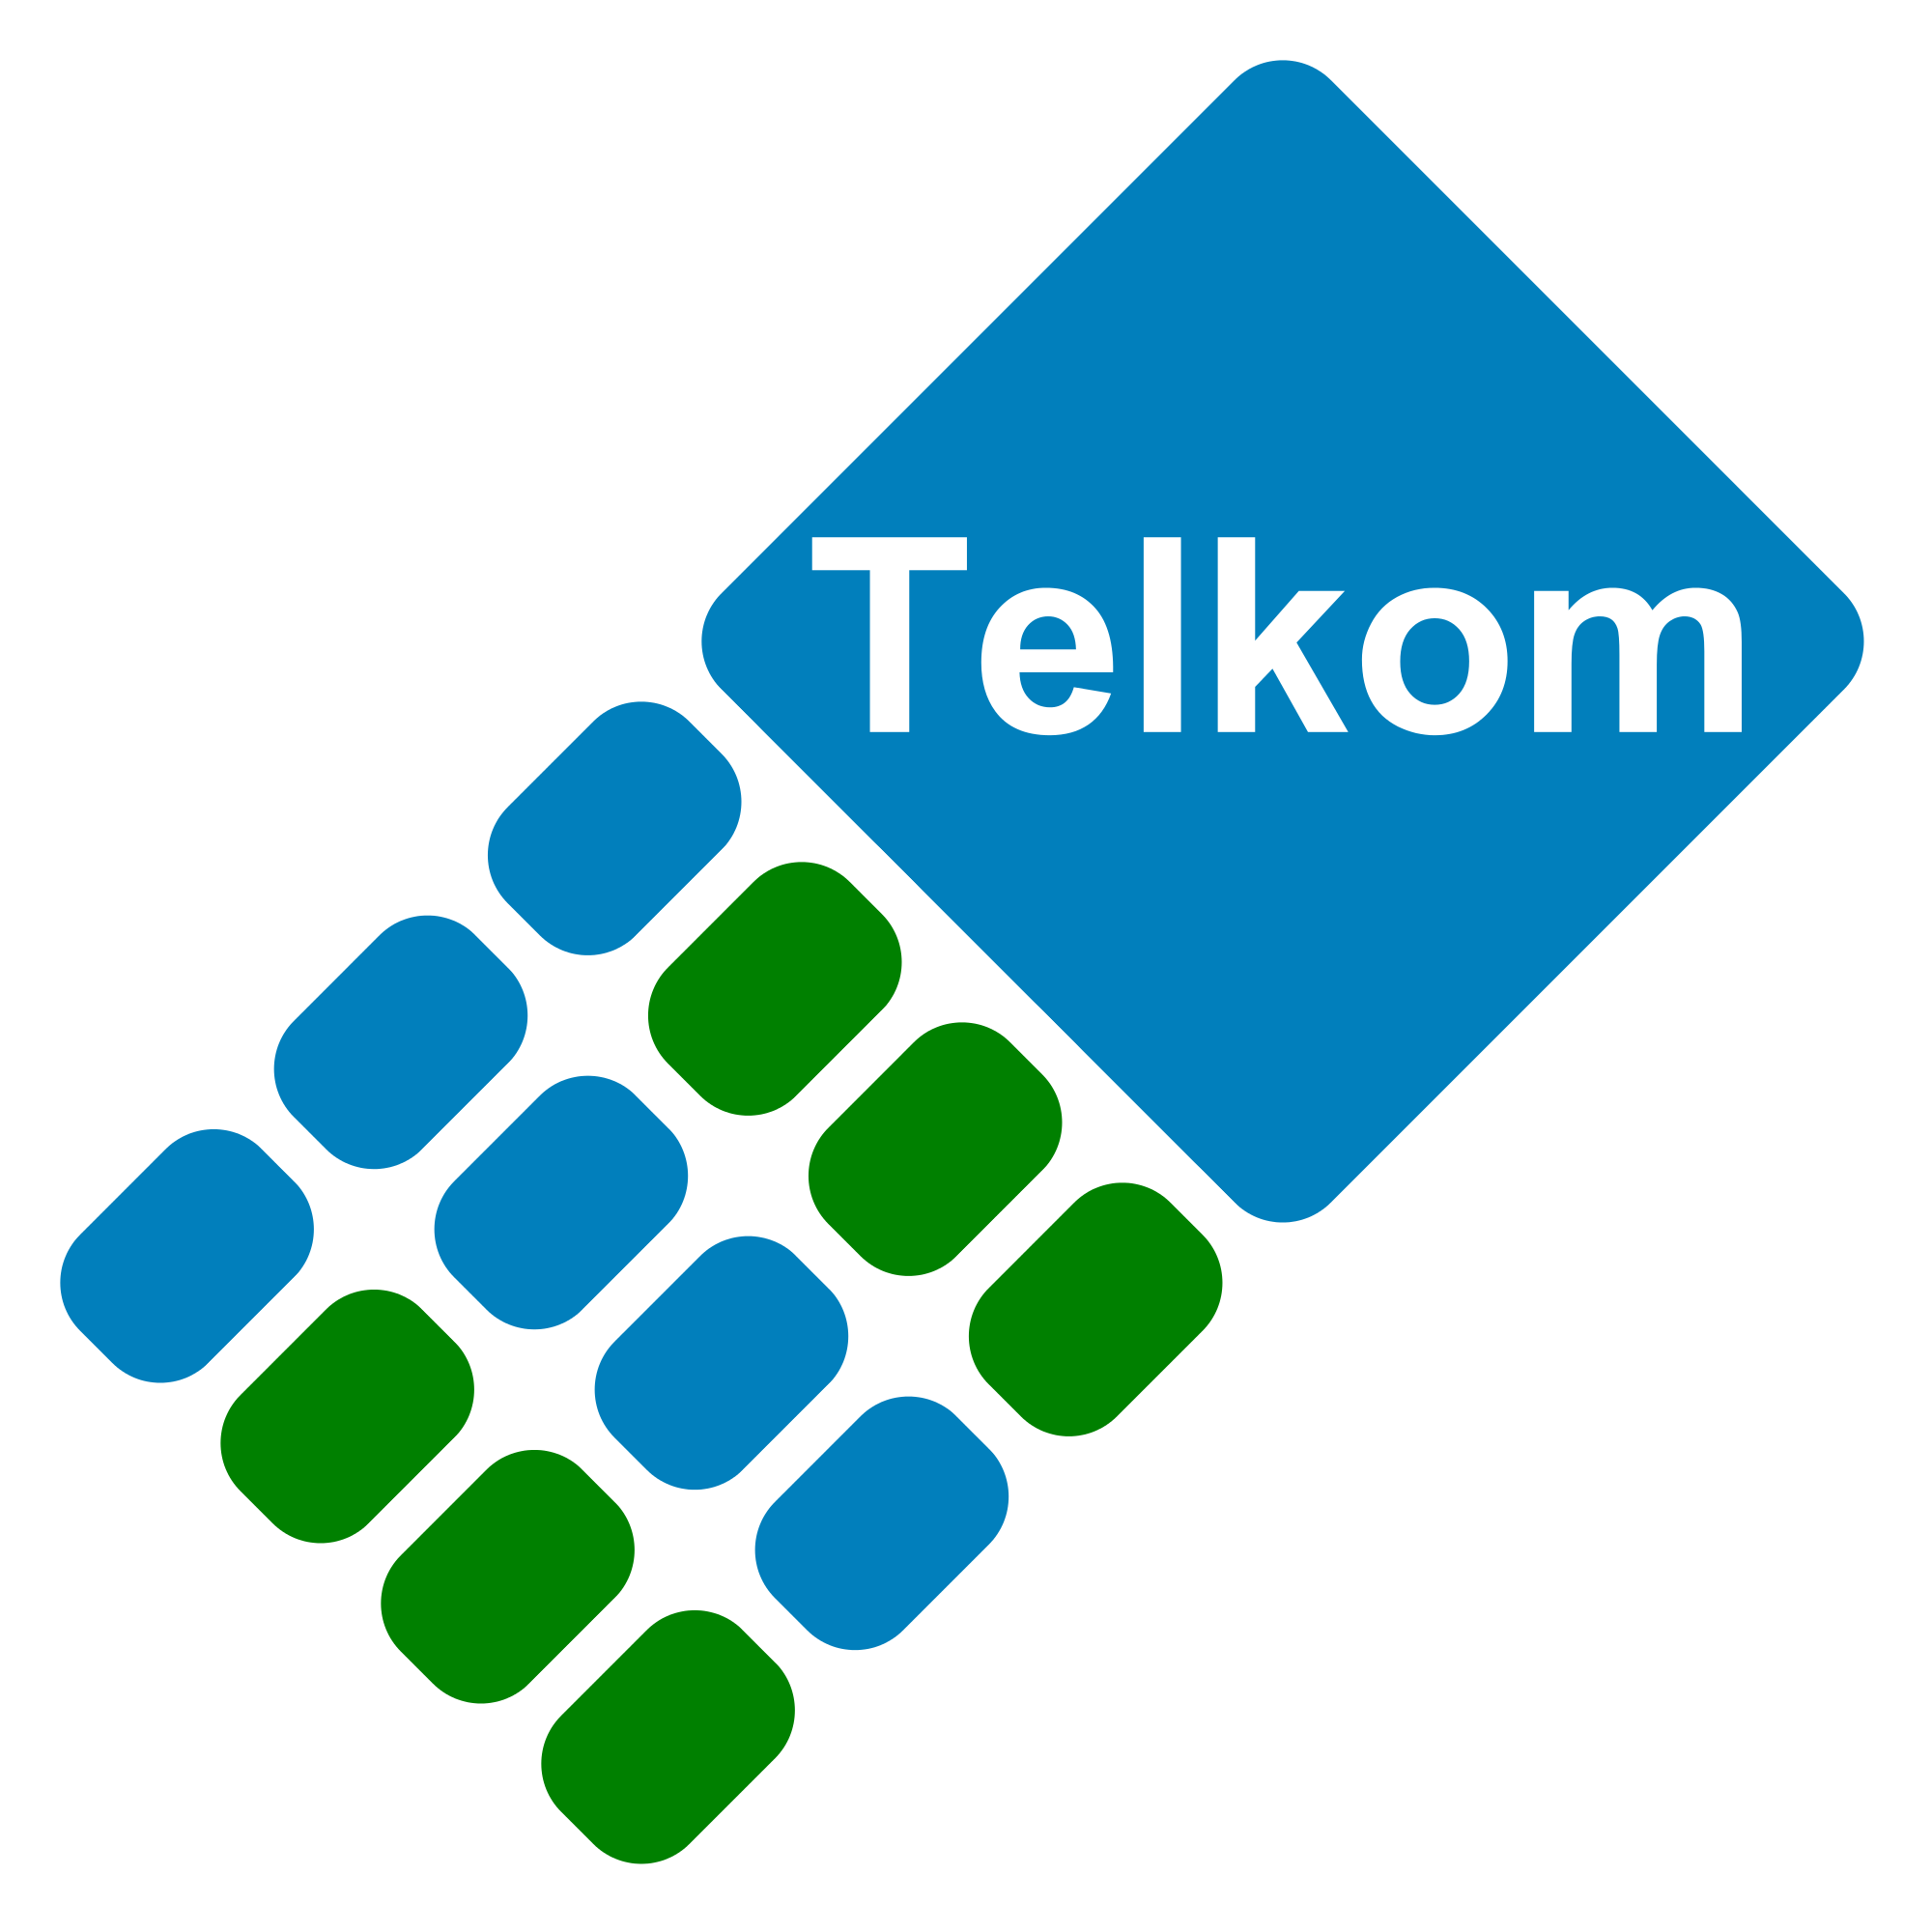 Telkom.png